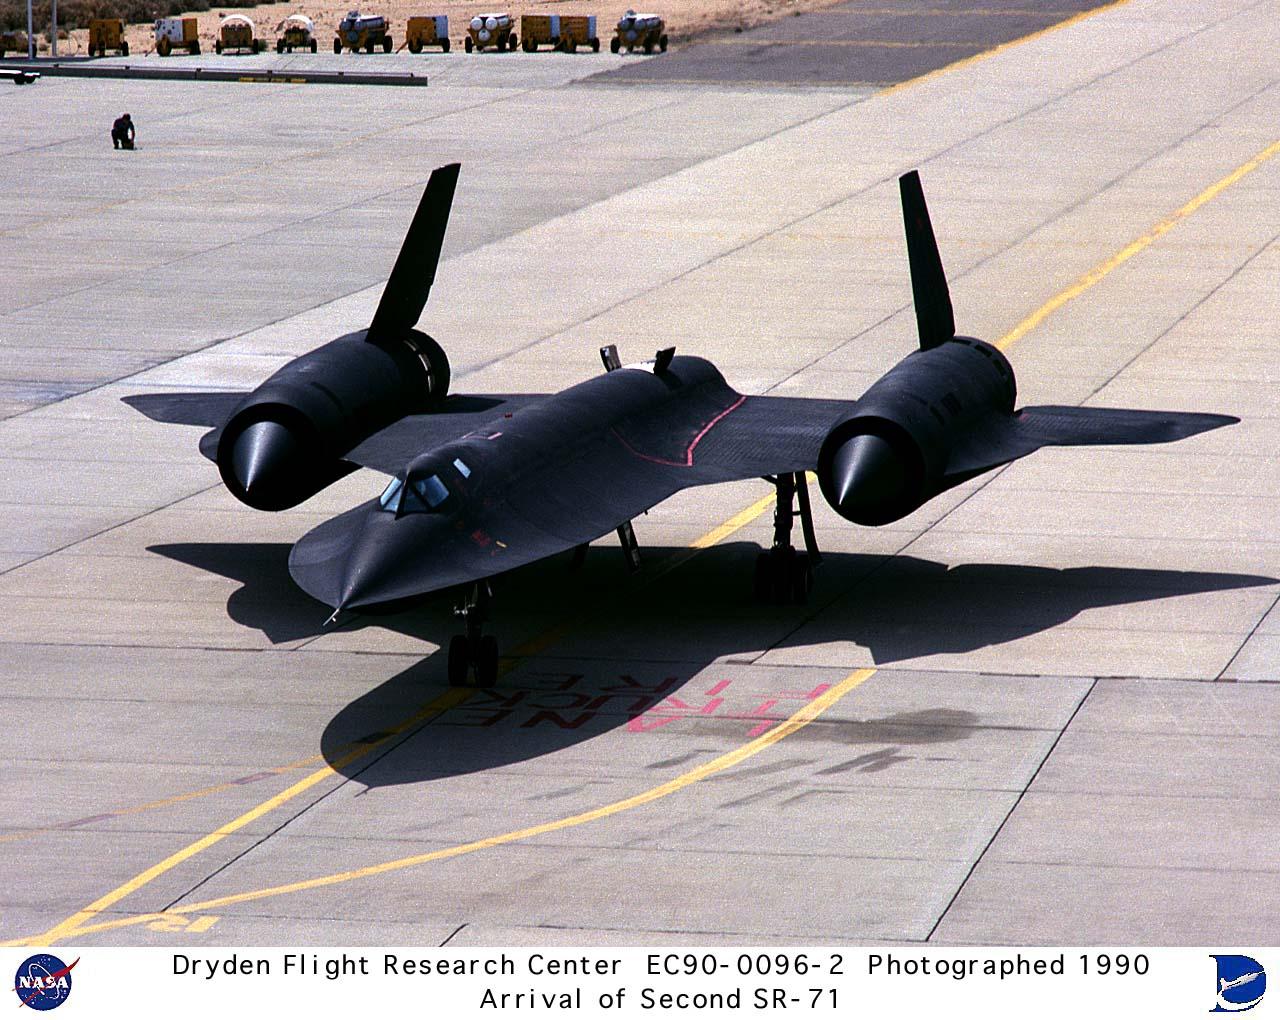 SR-71 Blackbird Speed